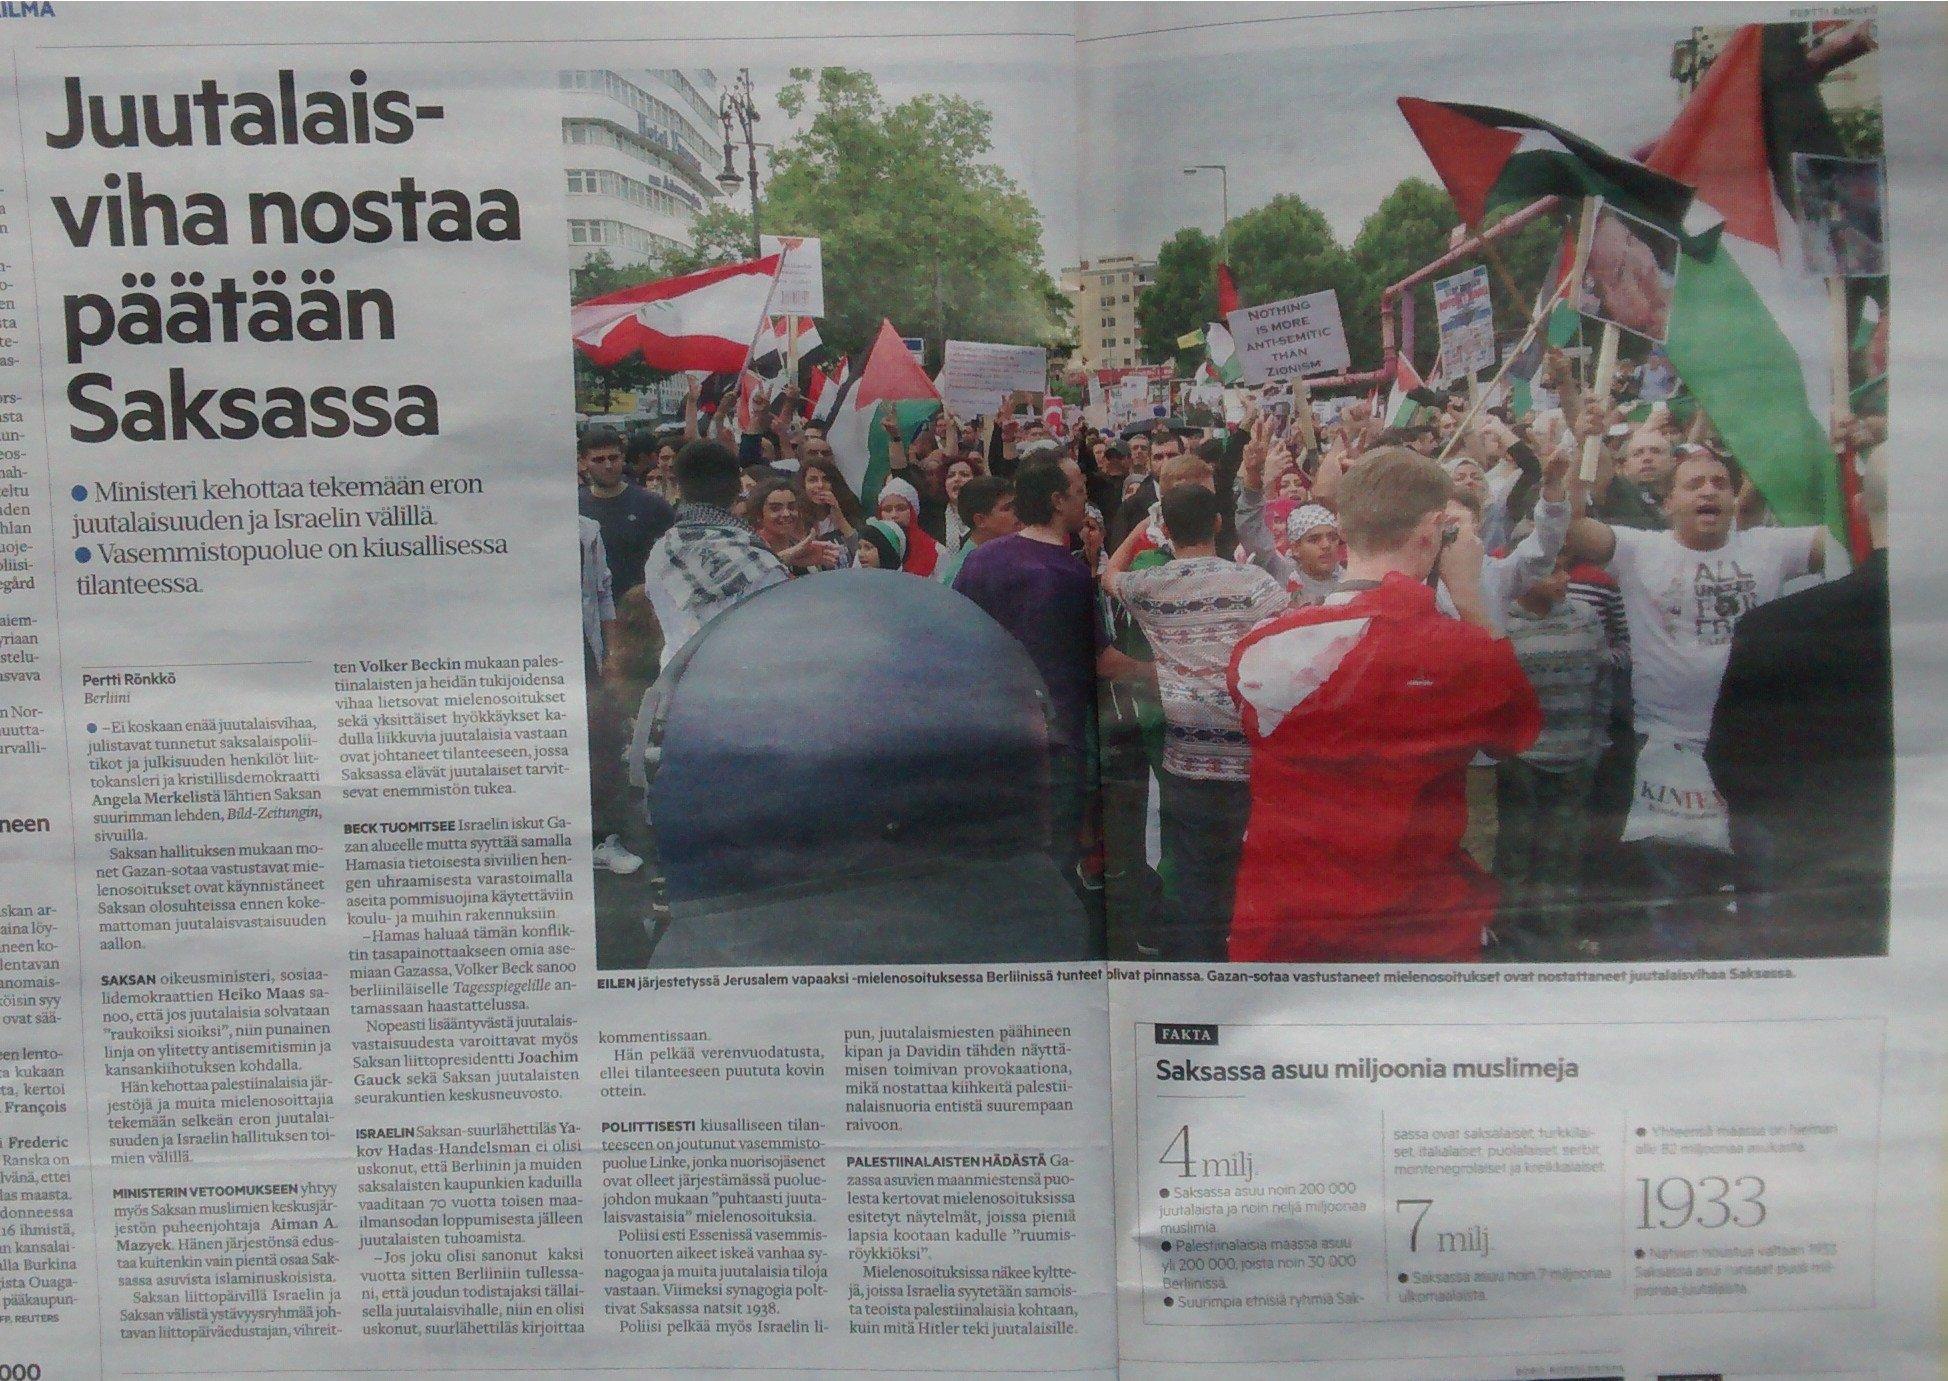 AL_2014-07-26_Juutalaisviha_nostaa_päätään_Saksassa.jpg